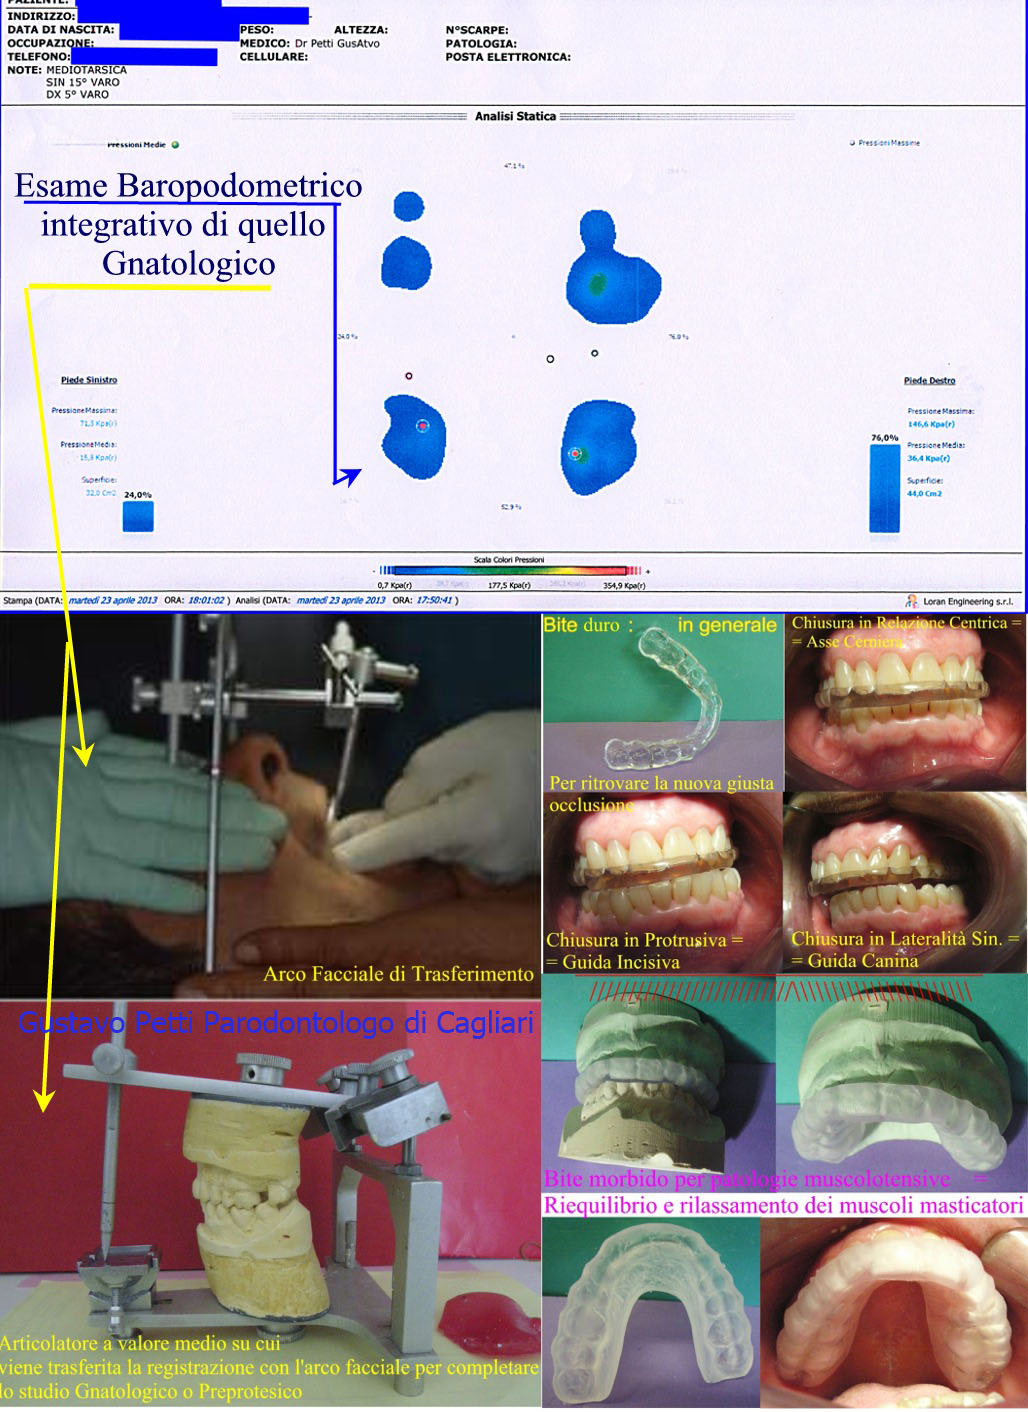 gnatologia-g.petti-cagliari-9.jpg